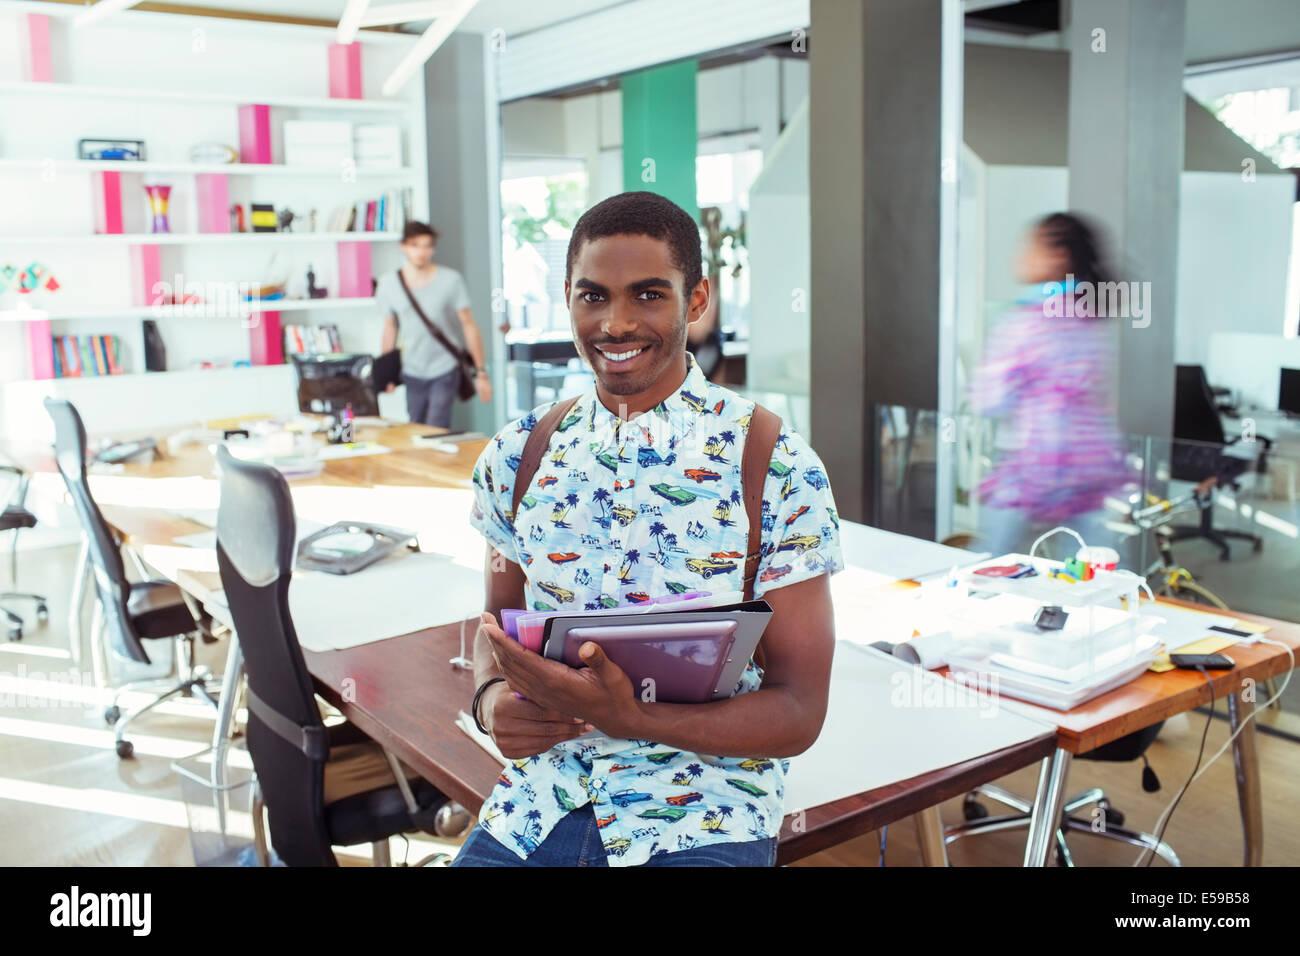 Personas sonriendo en la mesa de conferencias en la oficina Imagen De Stock